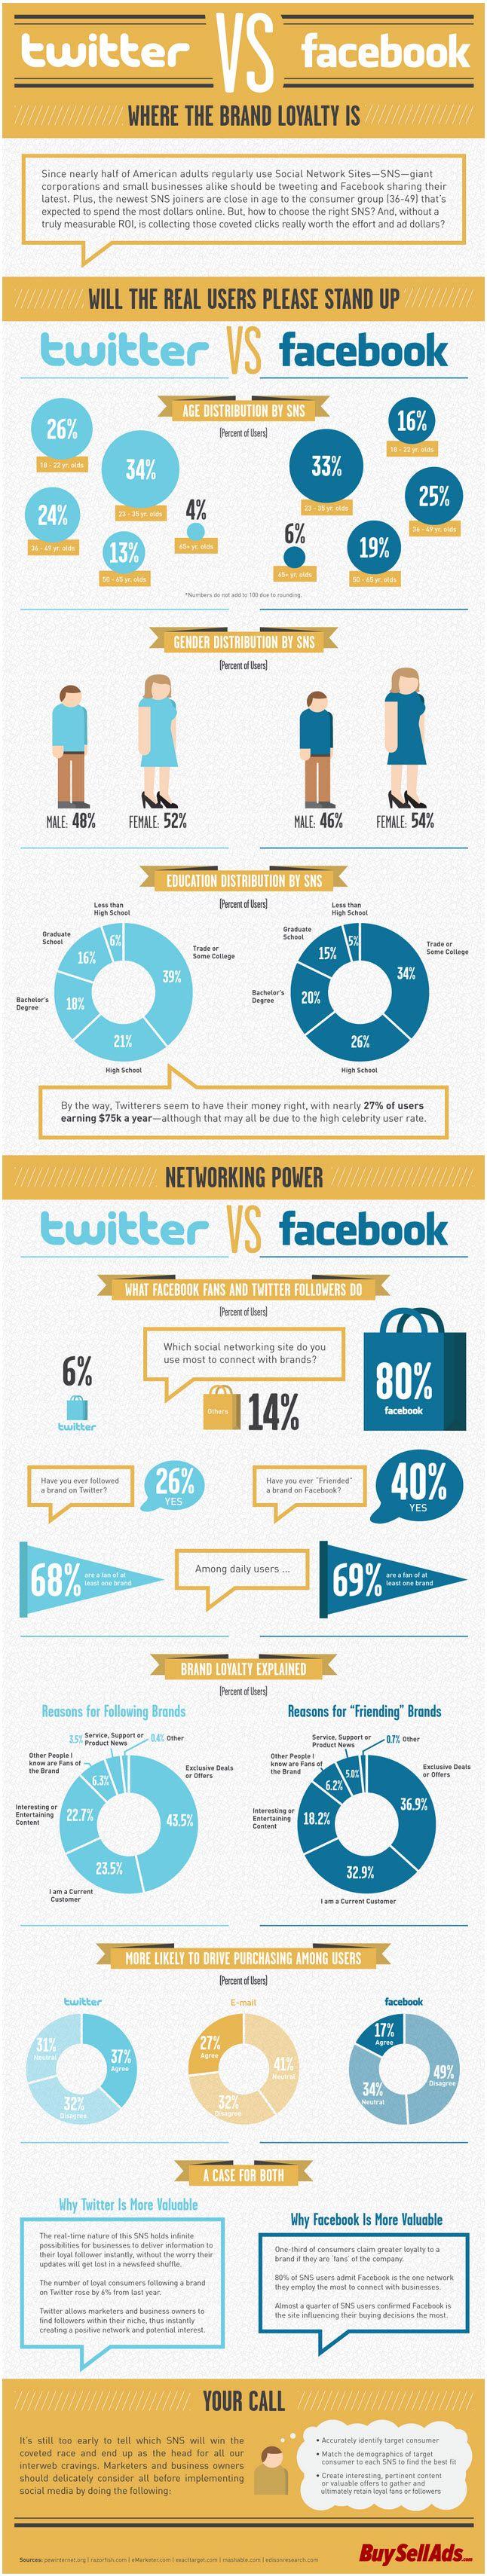 128 best Facebook Marketing Tips images on Pinterest | Facebook ...